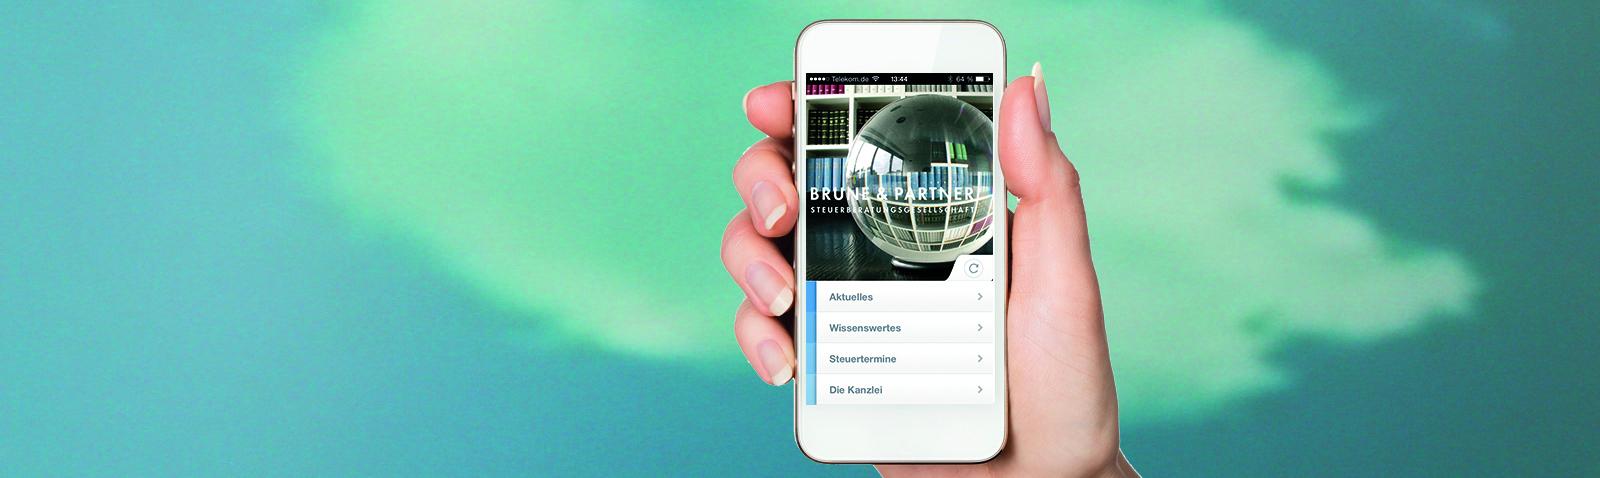 Brune & Partner App